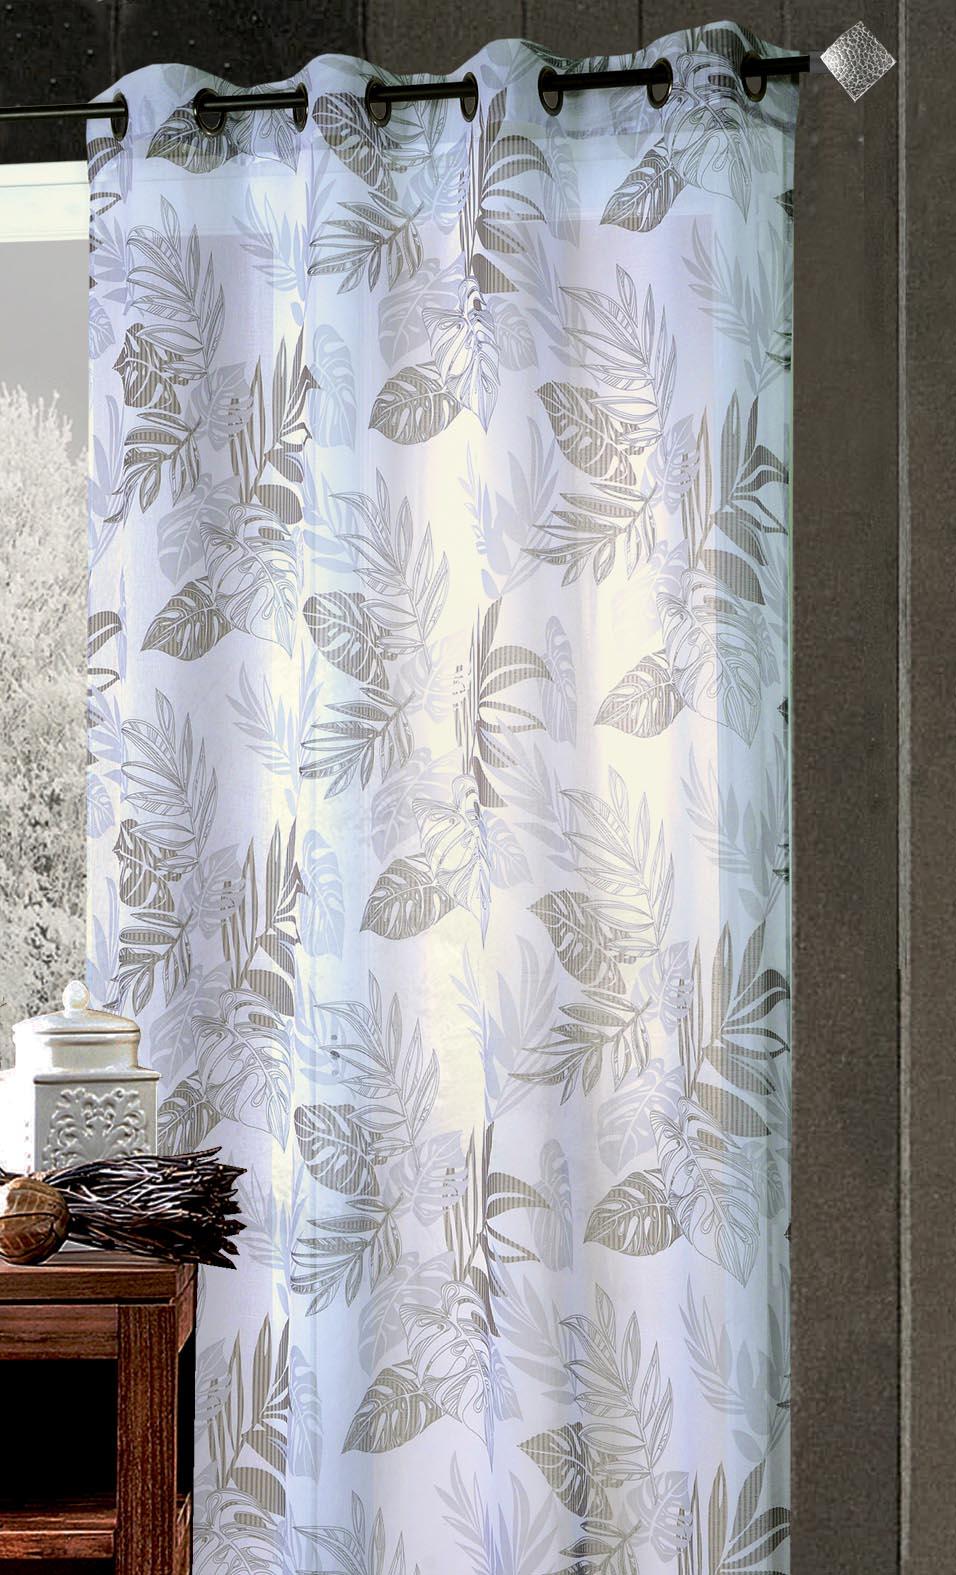 Voilage Etamine Imprimée Tropical Blanc/Gris (blanc / gris)